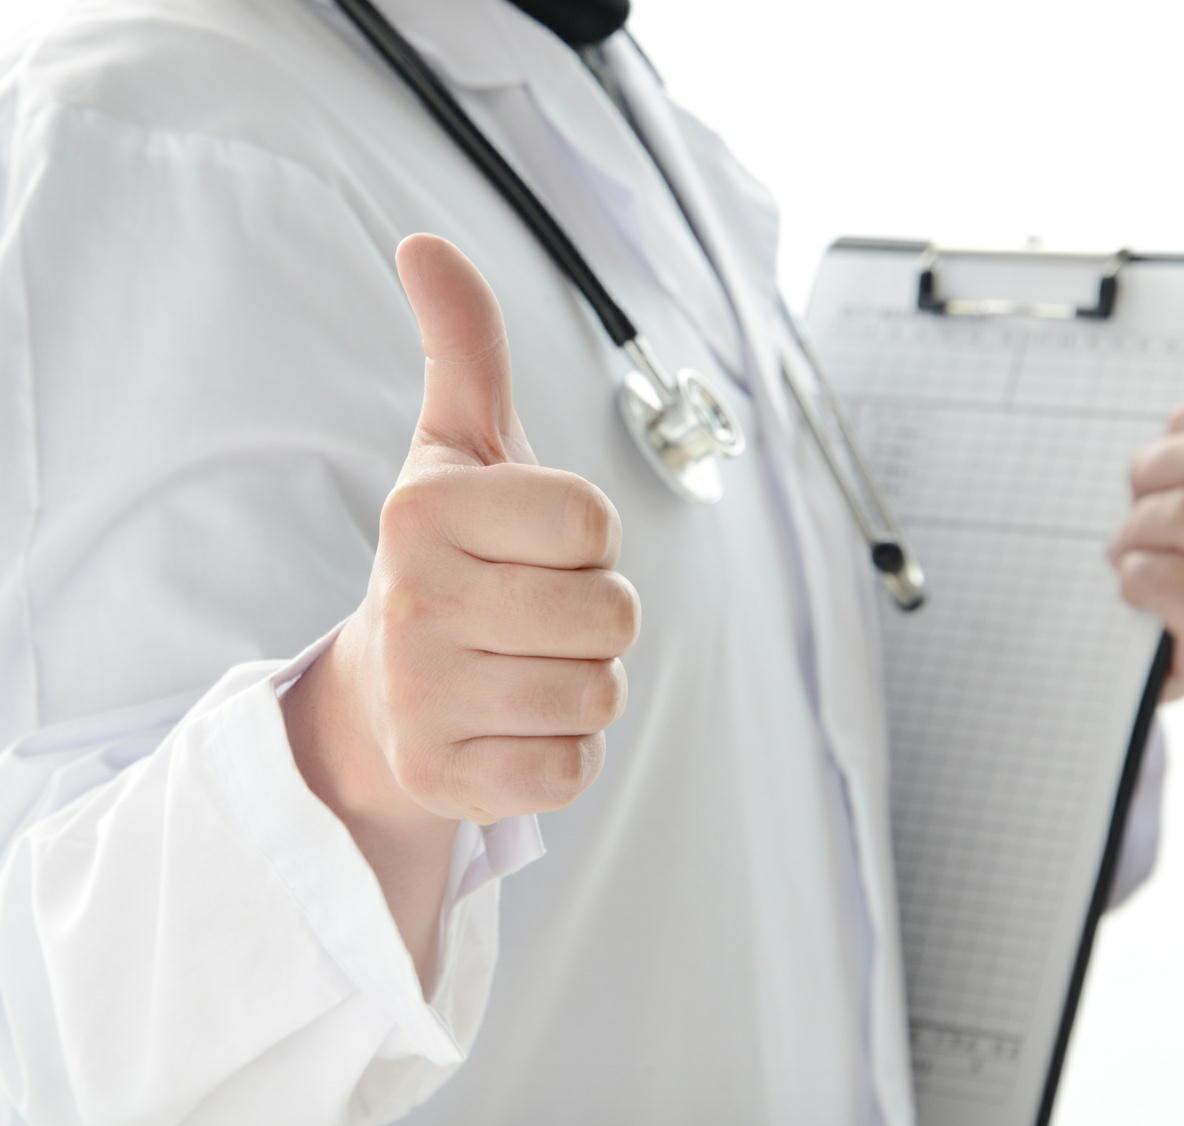 がん5年相対生存率が62.1%に改善 早期のがん診断が生存率を向上